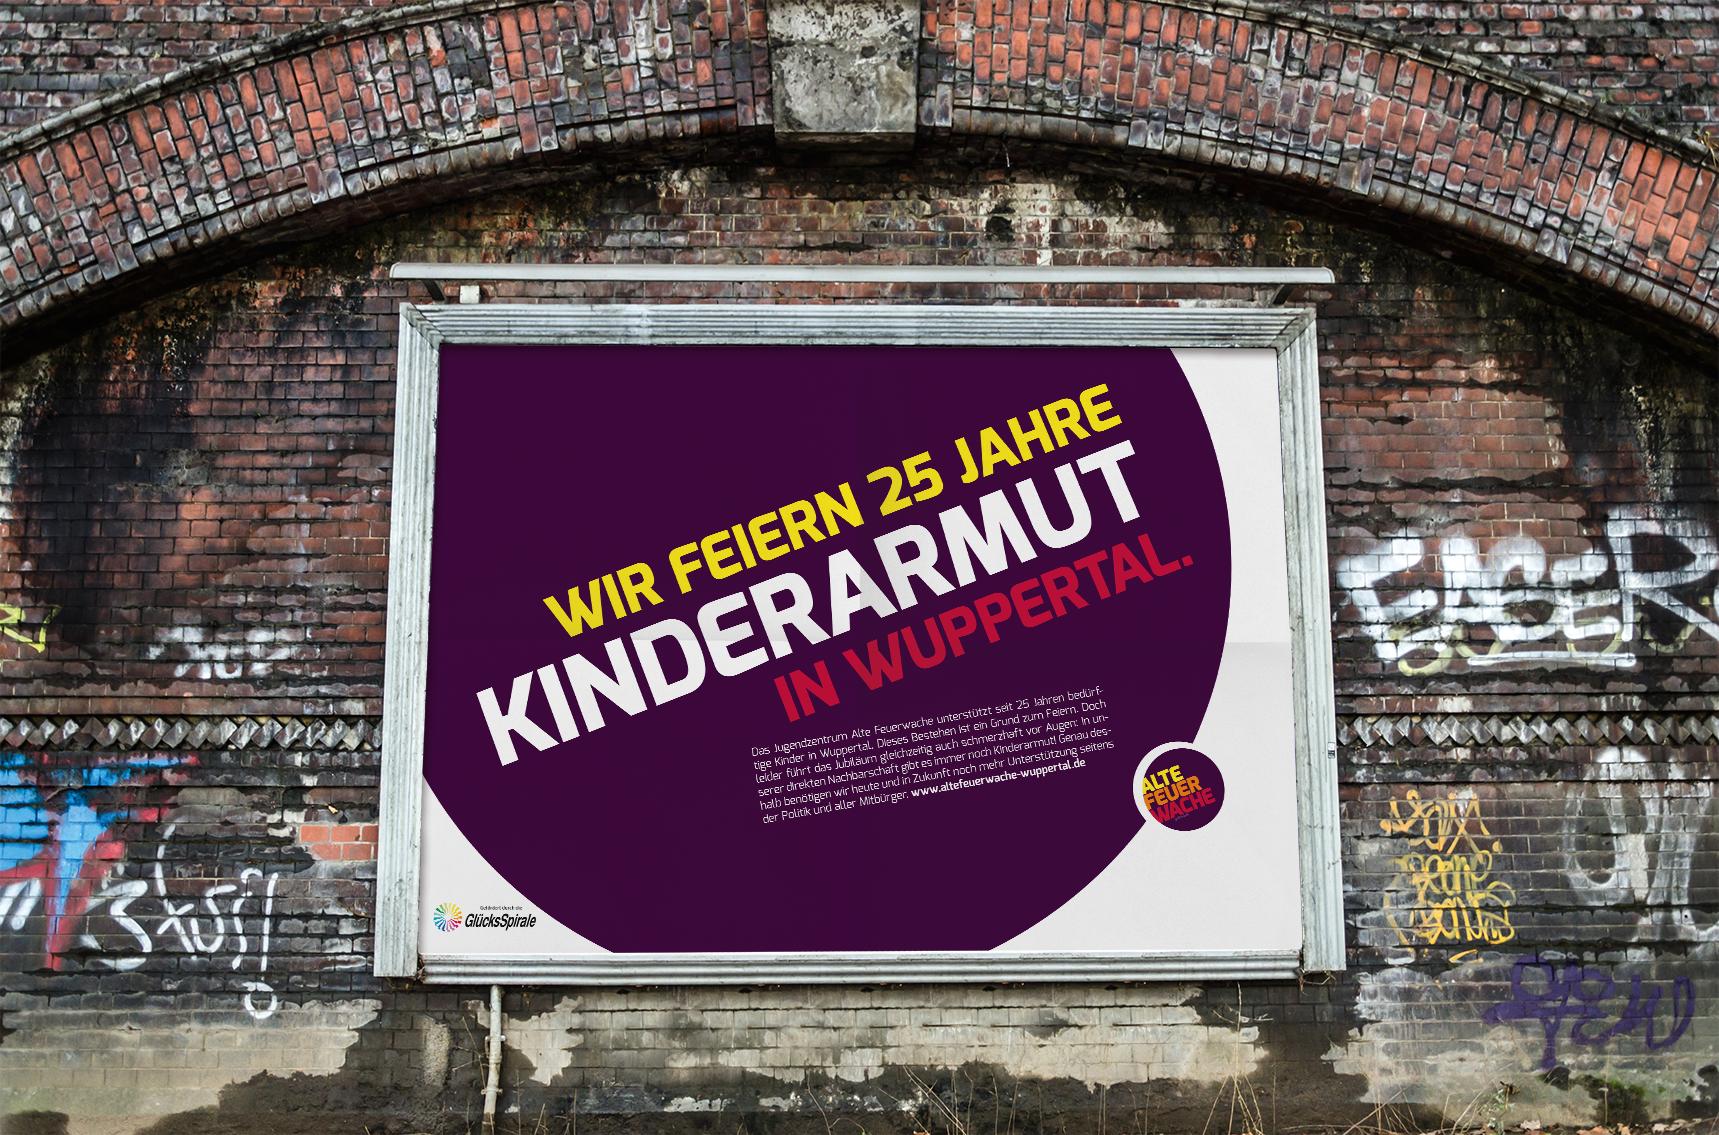 Wir feiern 25 Jahre Kinderarmut in Wuppertal – Auflösung